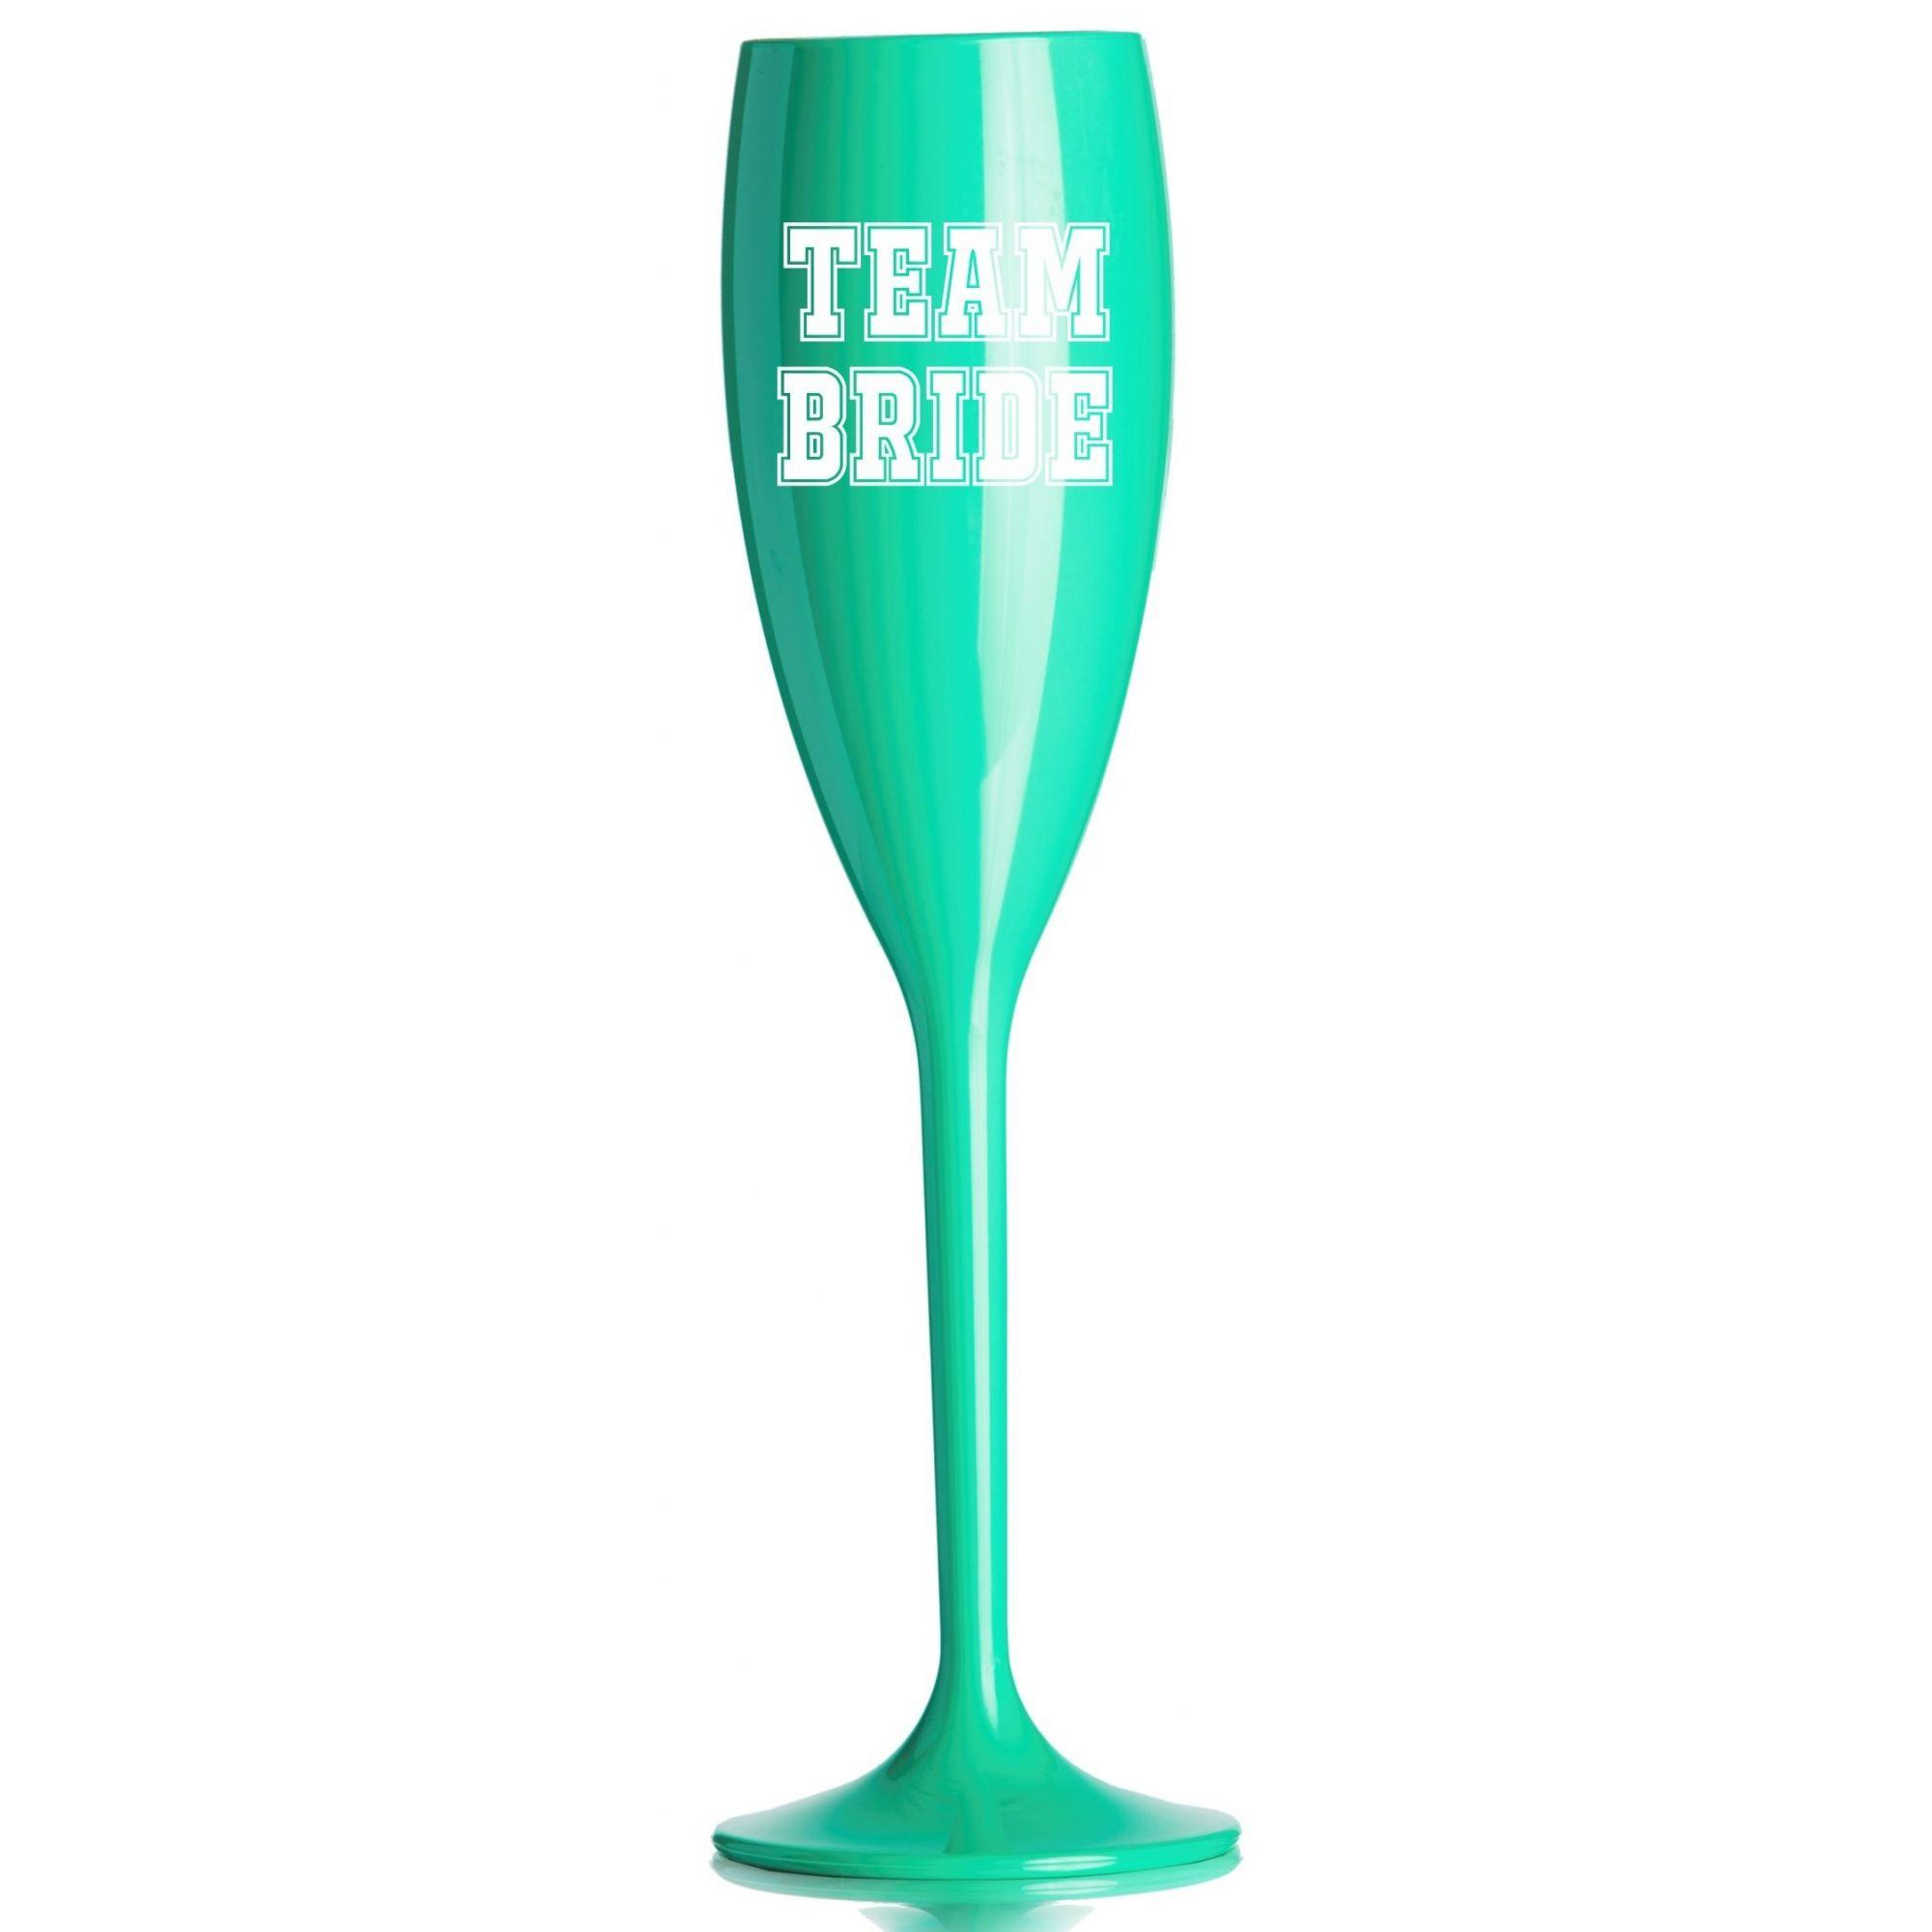 Taça Acrílica para Champanhe Despedida de Solteira 160ml Tiffany e Branca